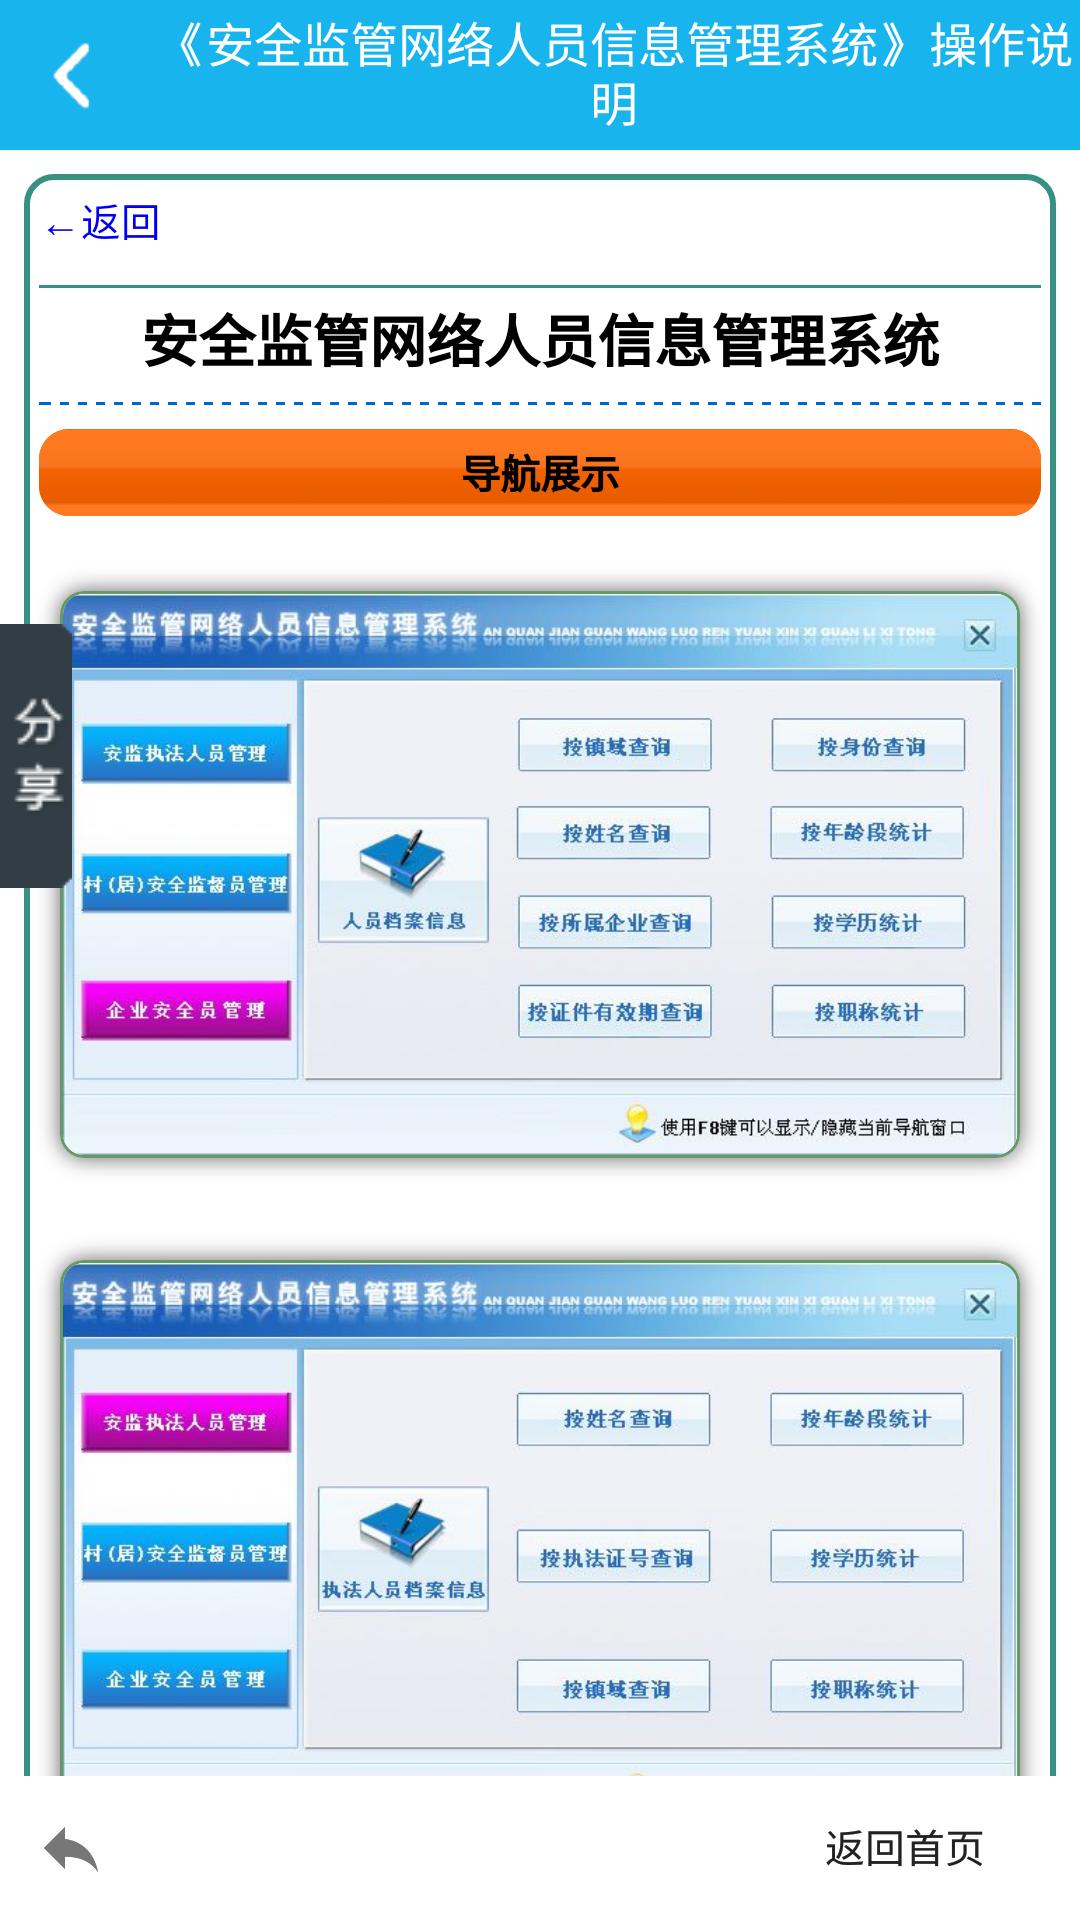 人员信息管理系统